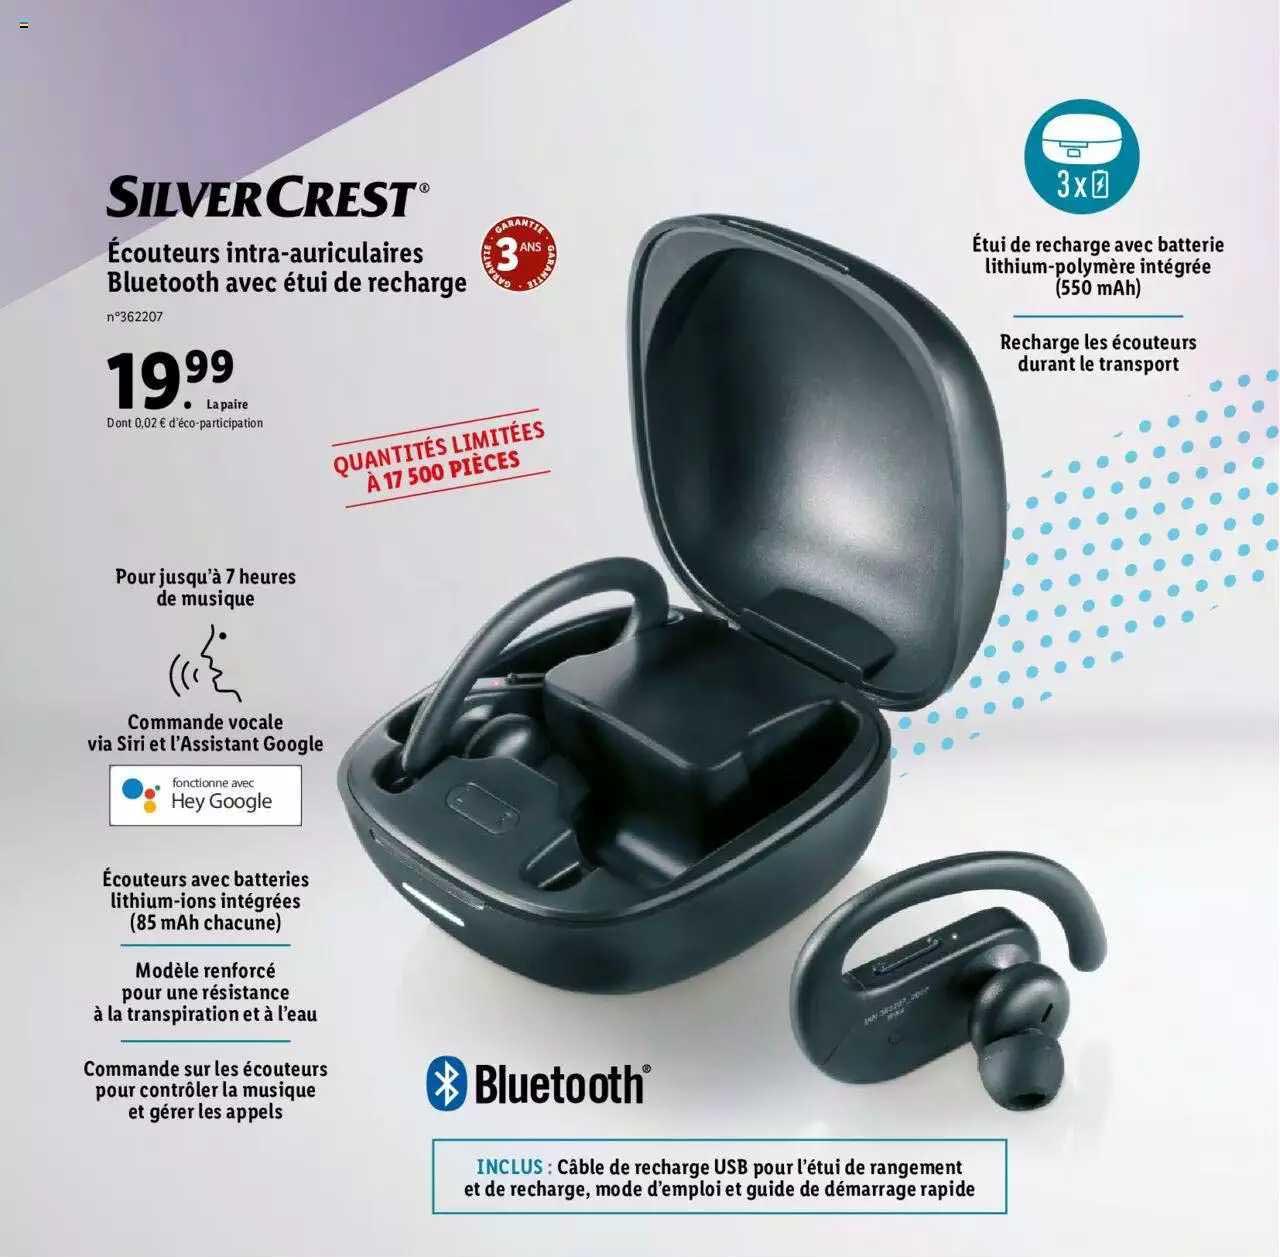 Lidl écouteurs Intra-auriculaires Bluetooth Avec étui De Recharge Silver Crest